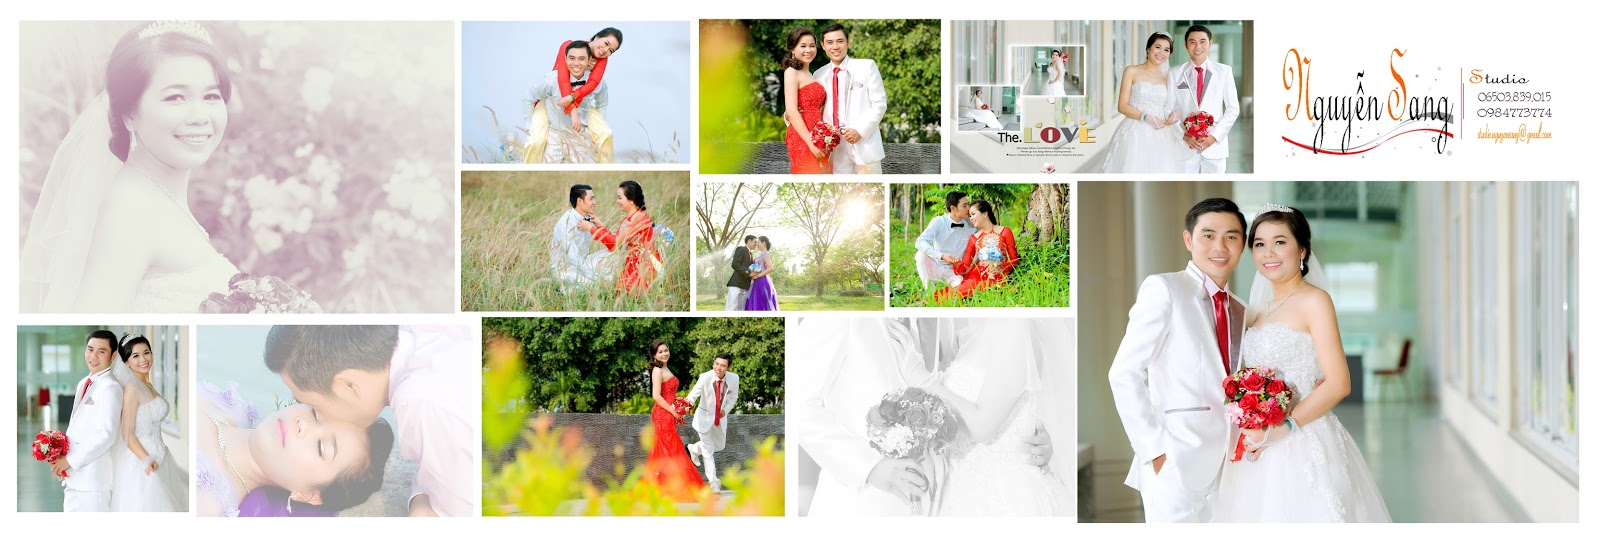 Sản phẩm học photoshop tại Hà Đông